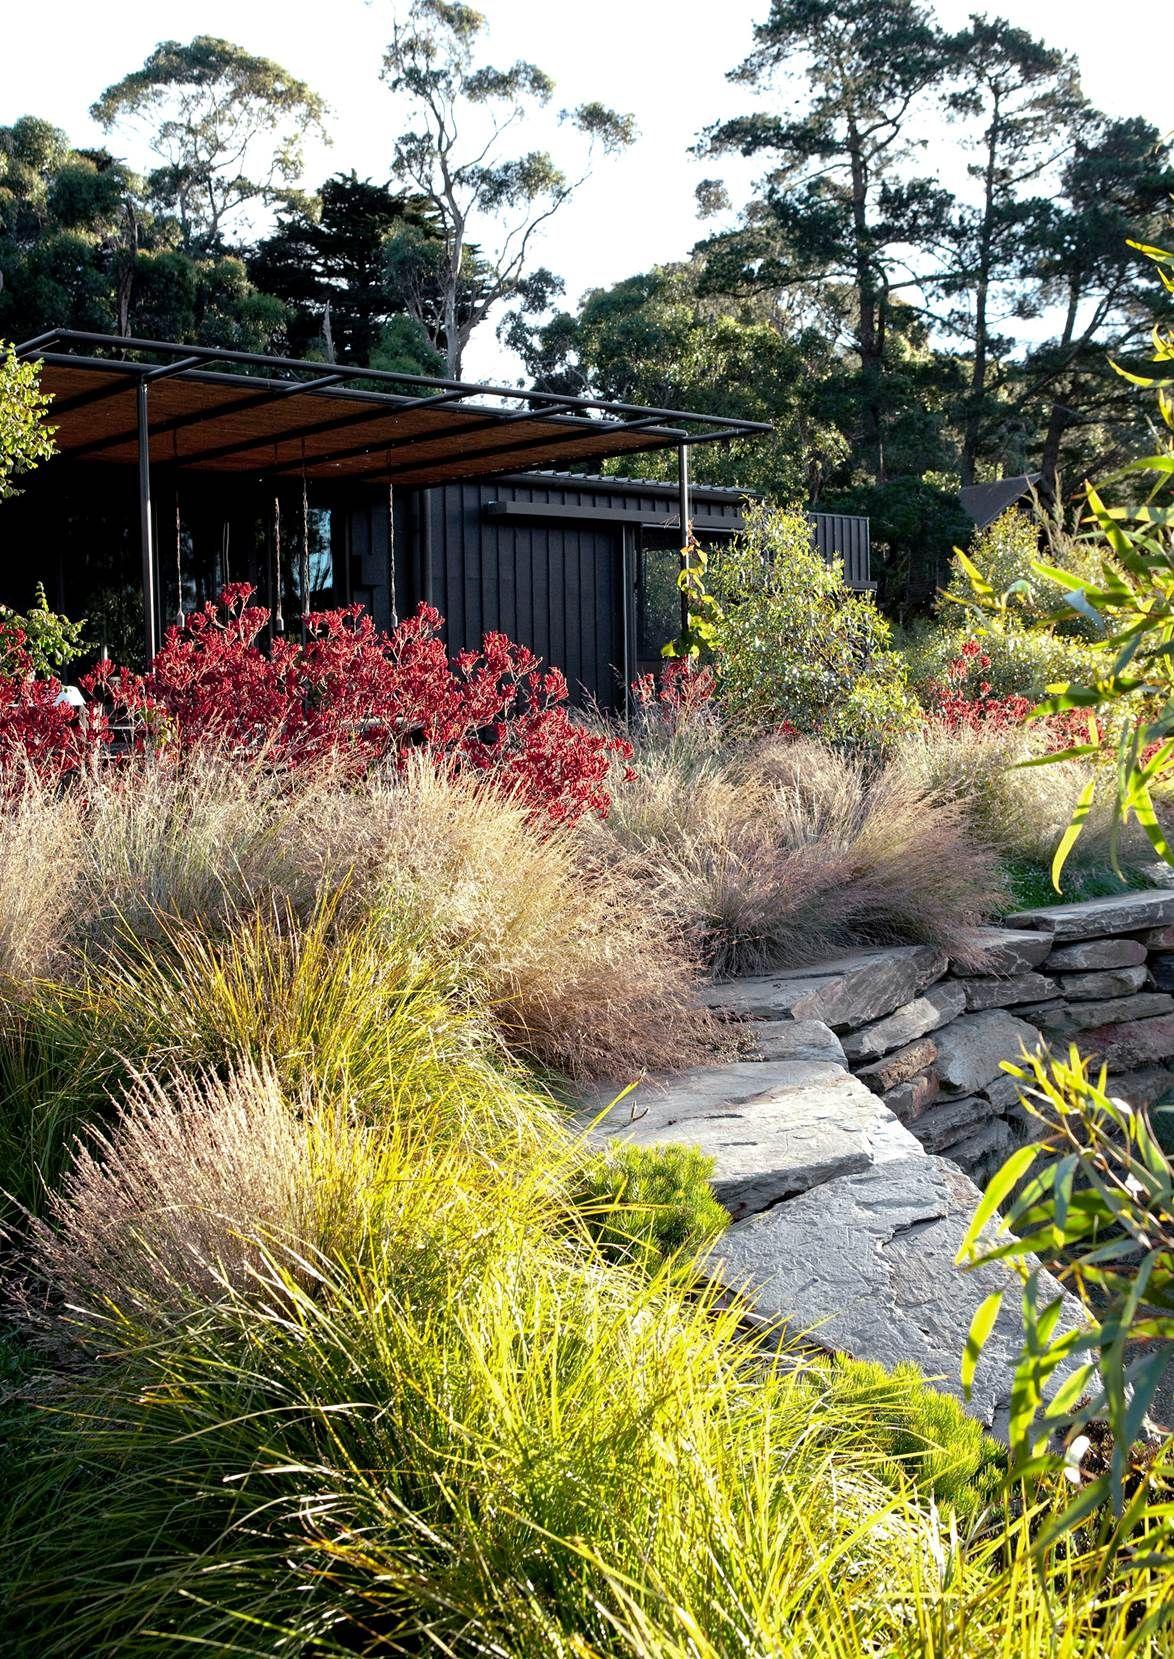 11 native Australian garden design ideas to inspire ...